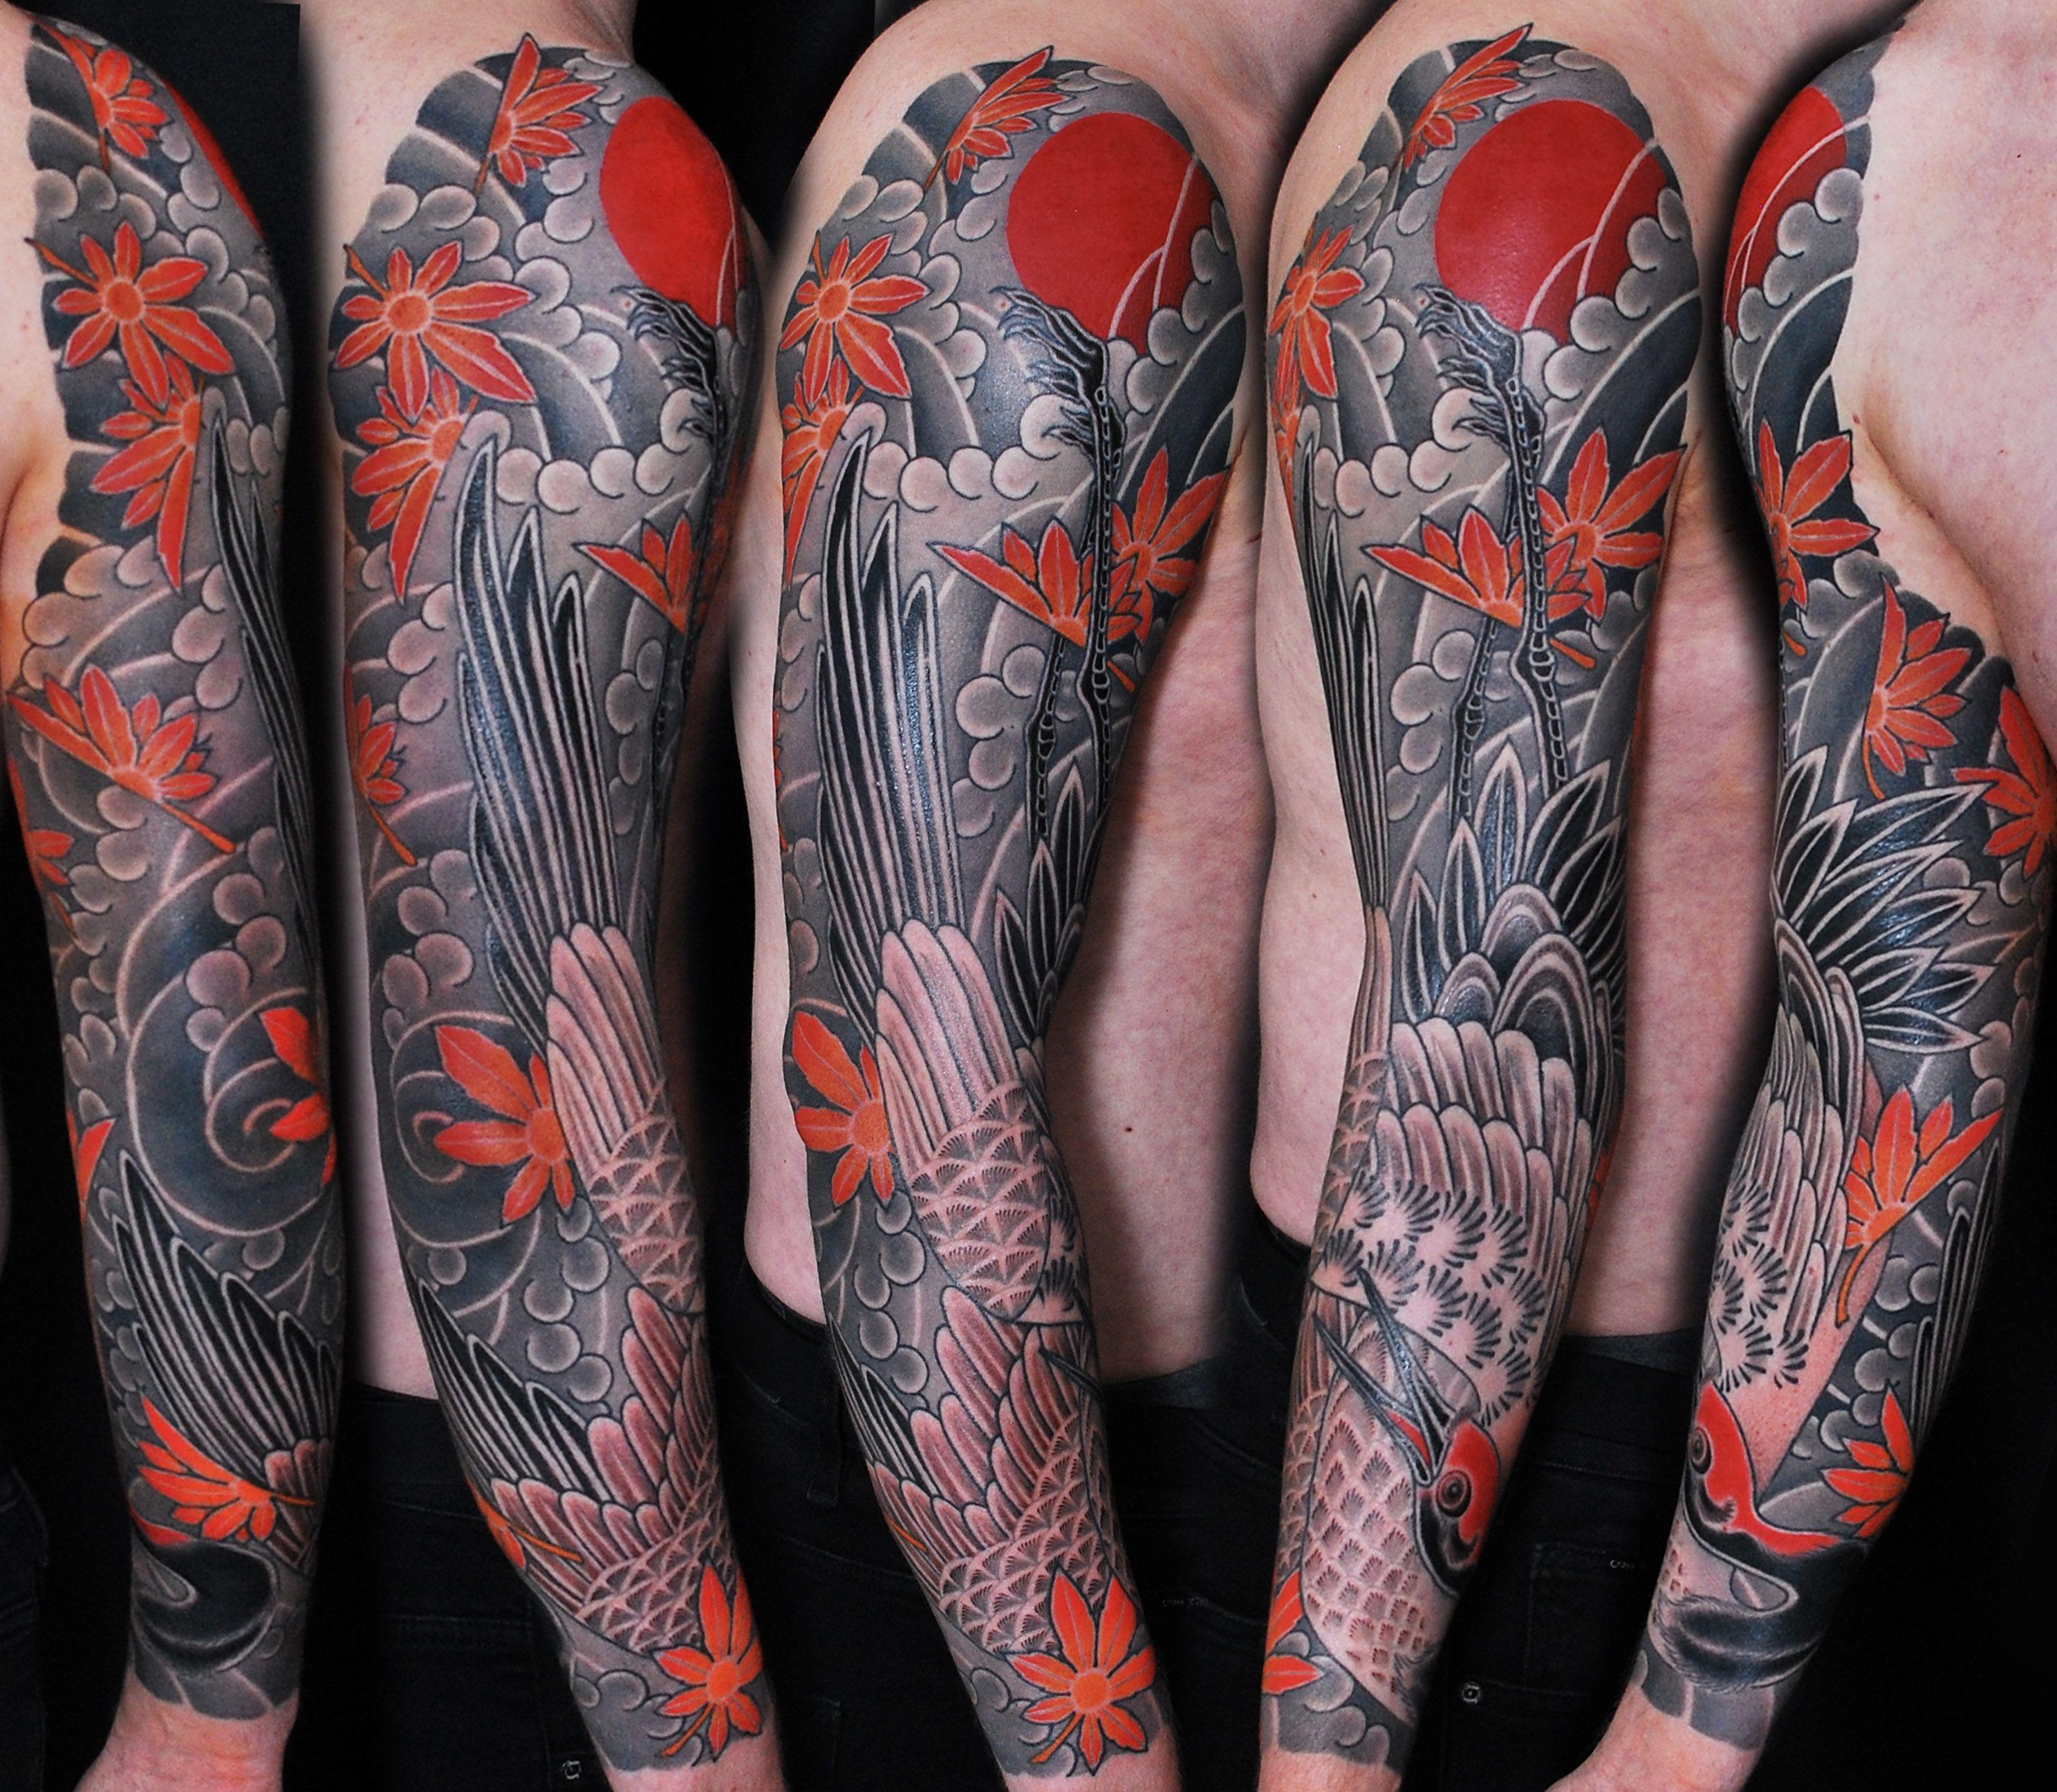 Japanese Full Sleeve Tattoo Artist Uldis Paulins Japanese Tattoo Traditional Fullsleeve Bird Crane Traditional Tattoo Sleeve Tattoos Full Sleeve Tattoo